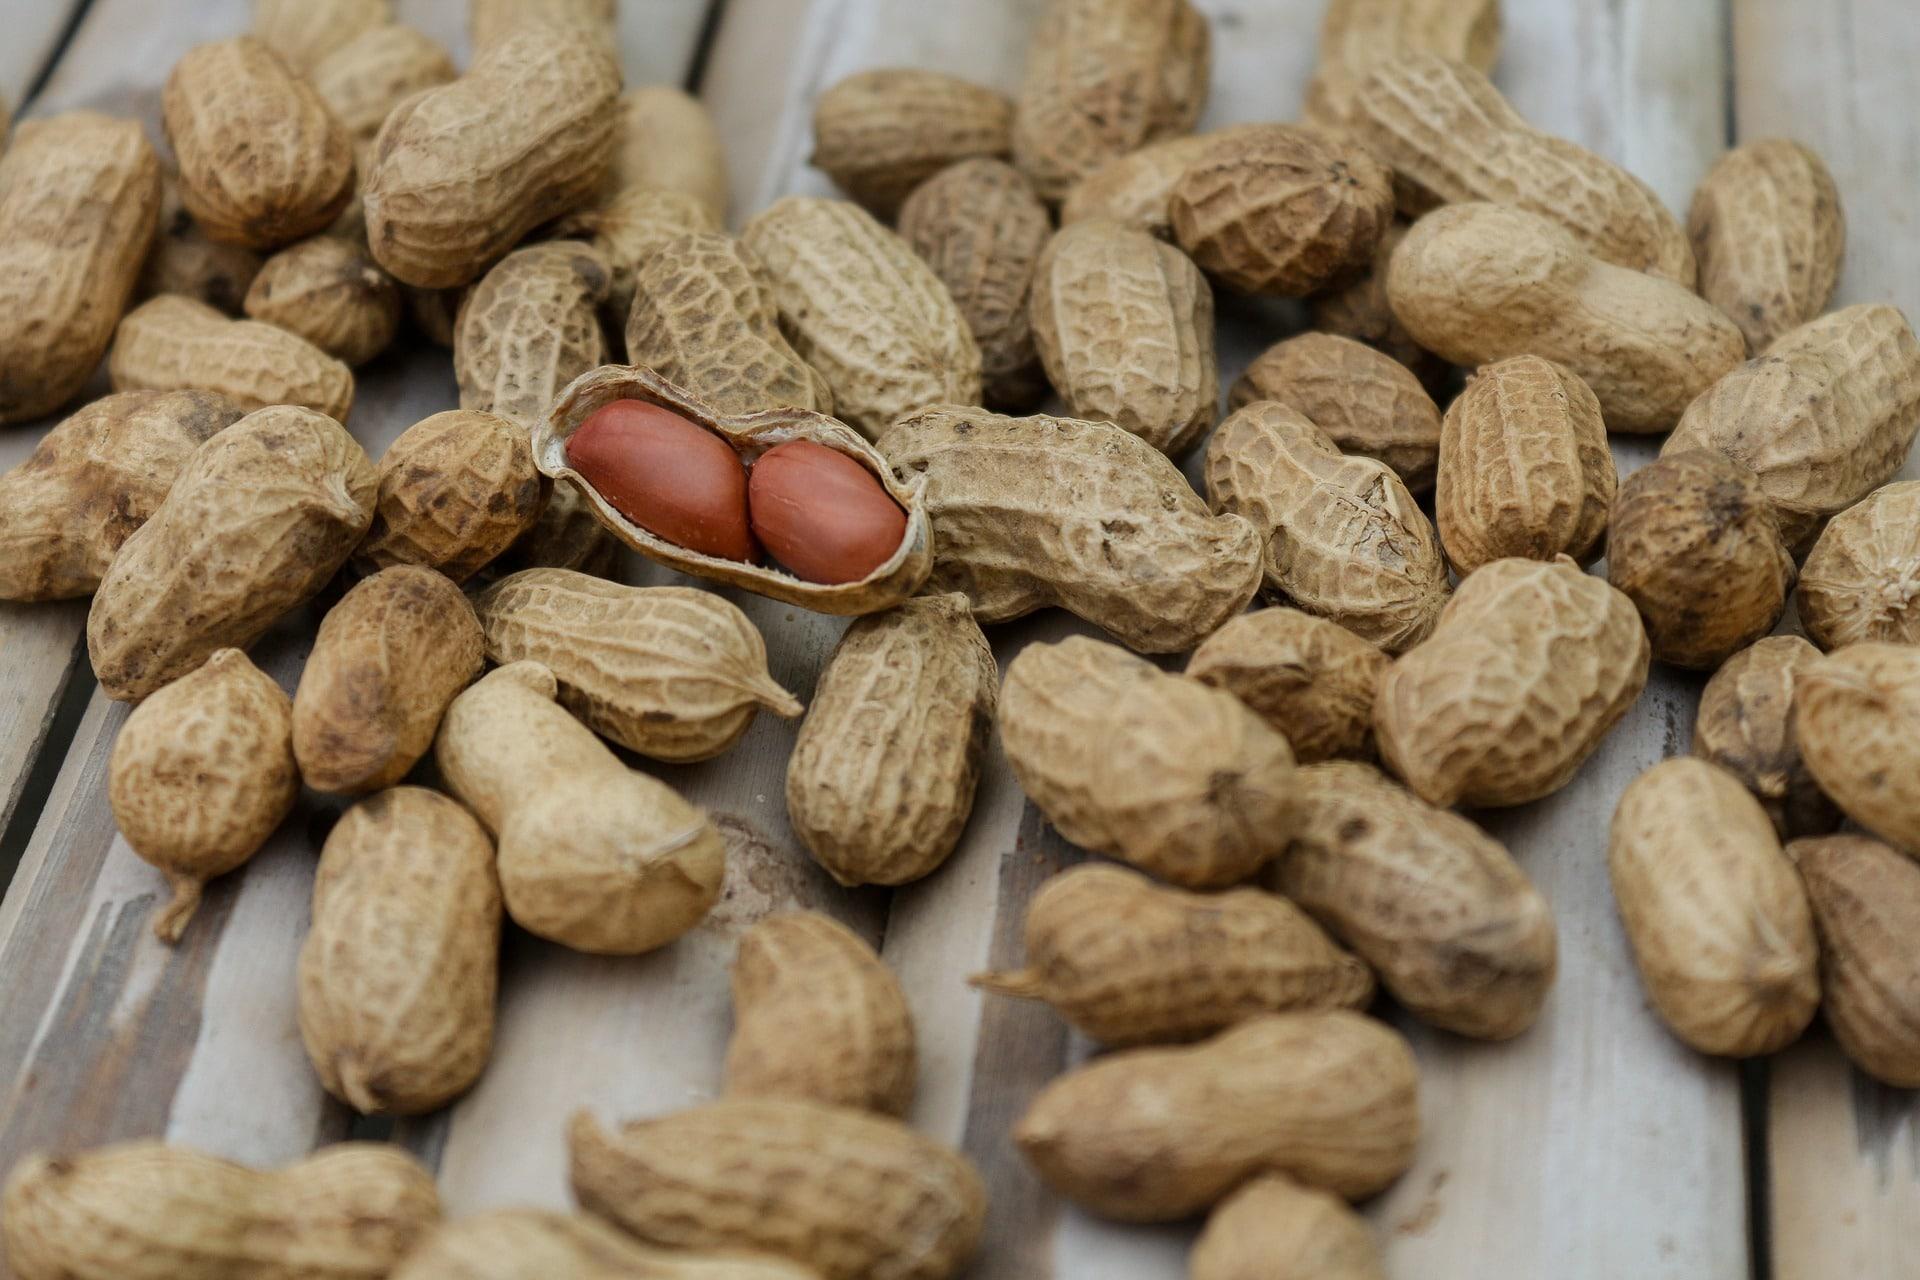 Arašídy patří mezi luštěniny a jsou bohatým zdrojem bílkovin / foto: pixabay.com